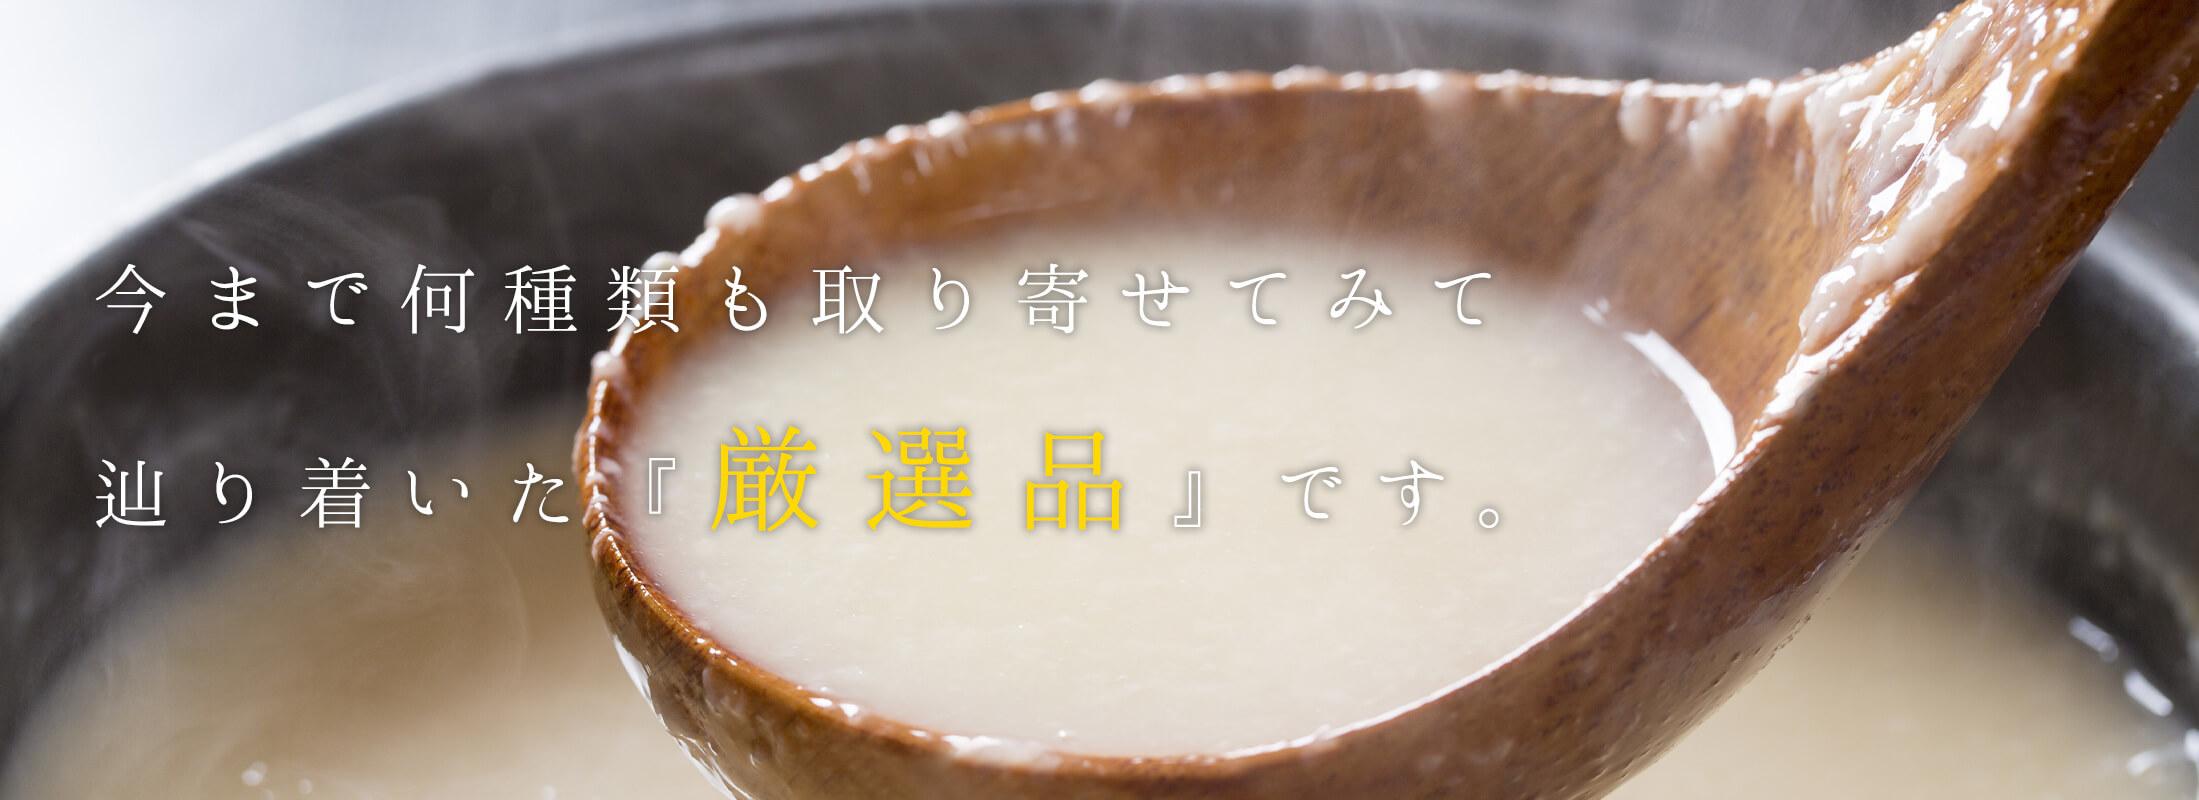 甘酒あまさけ(蔵元直送甘酒)